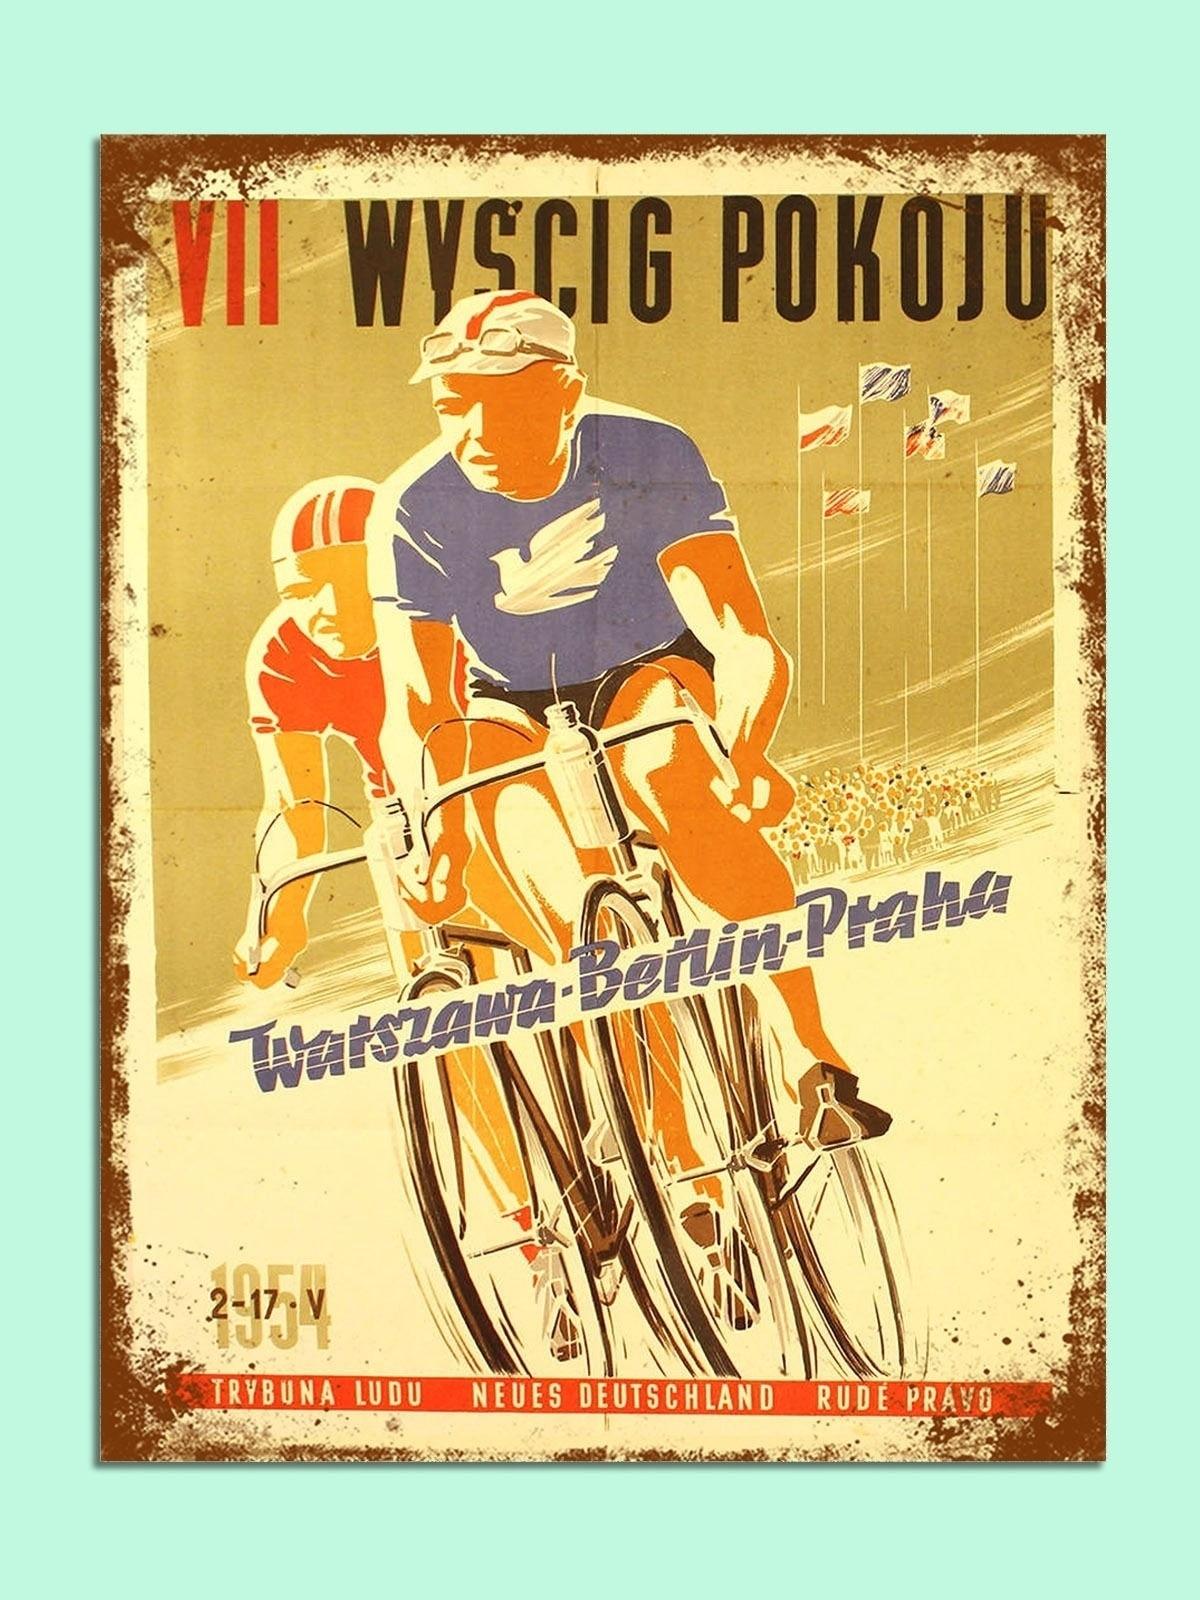 Arte Vintage cartel de pintura de Metal, pegatinas de pared de matrícula...